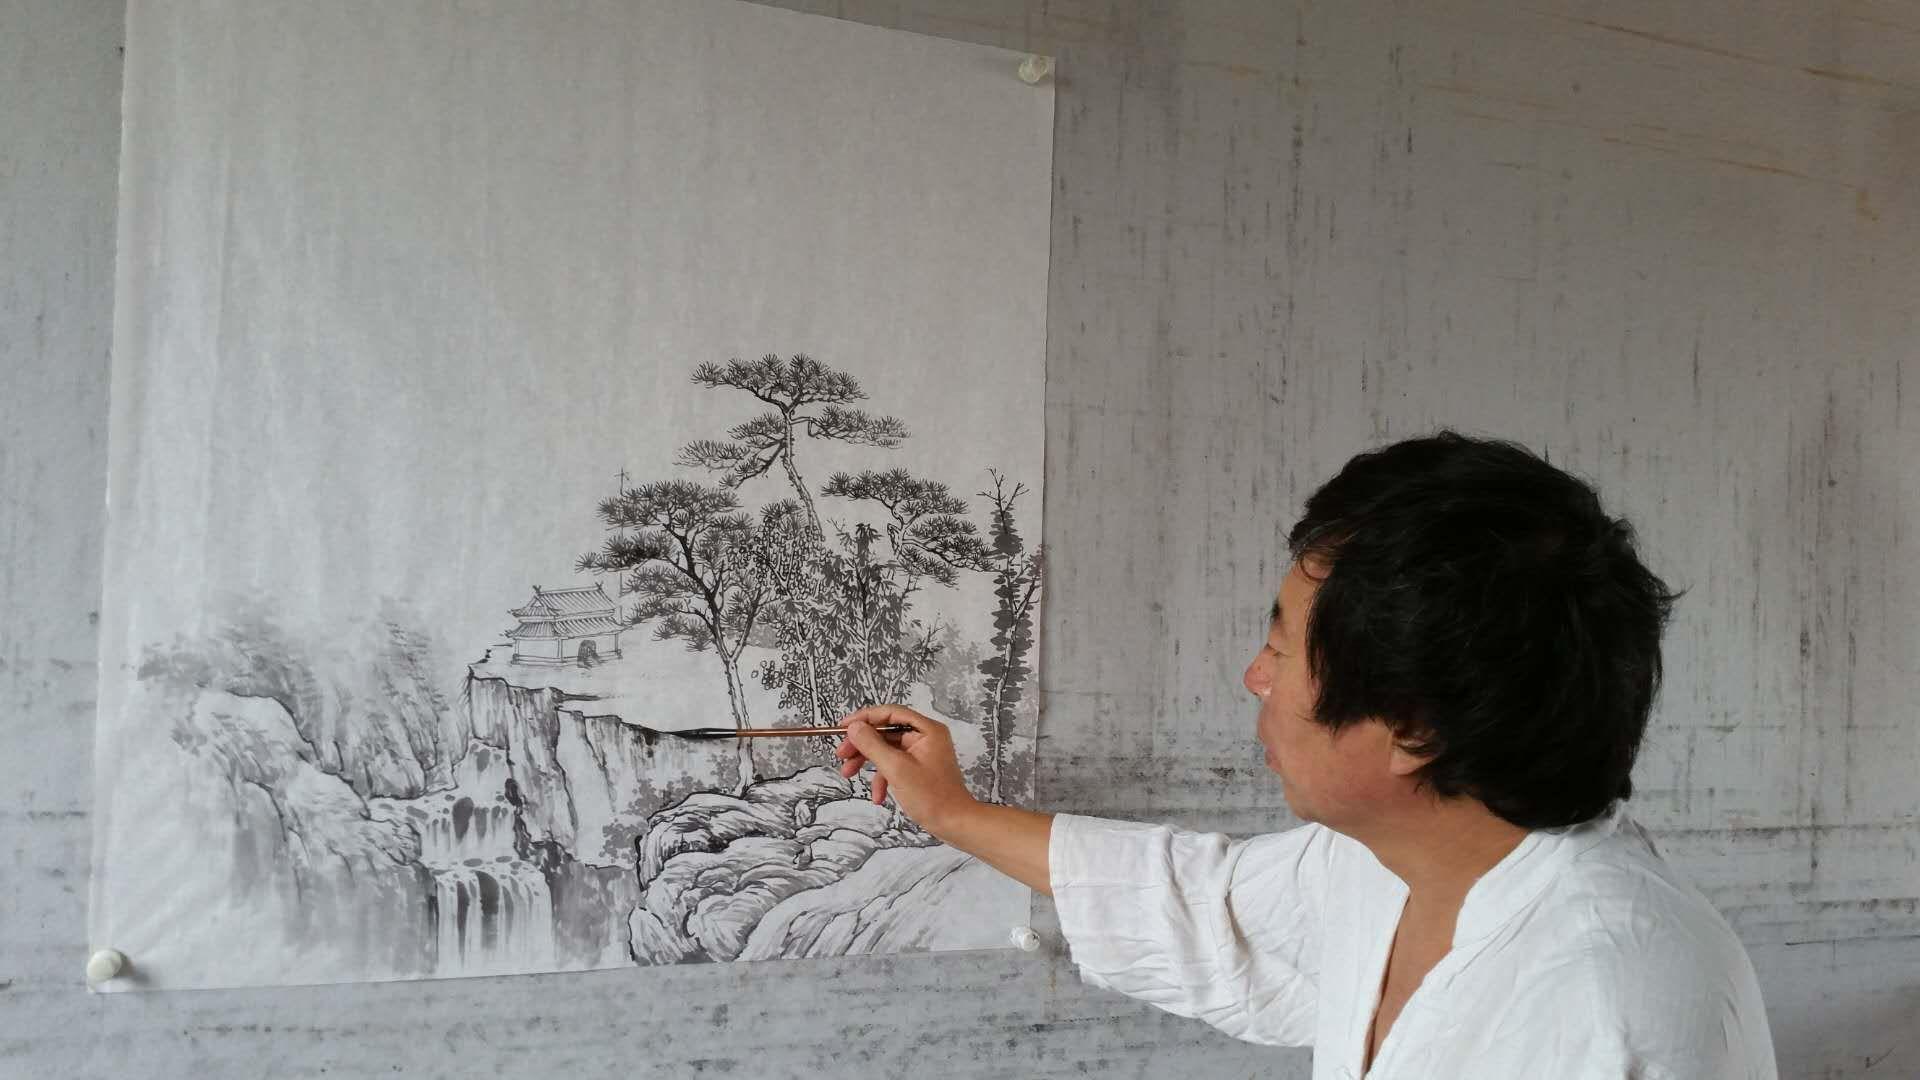 画家王立全的山水画怎么样?充满诗情画意的自然山水